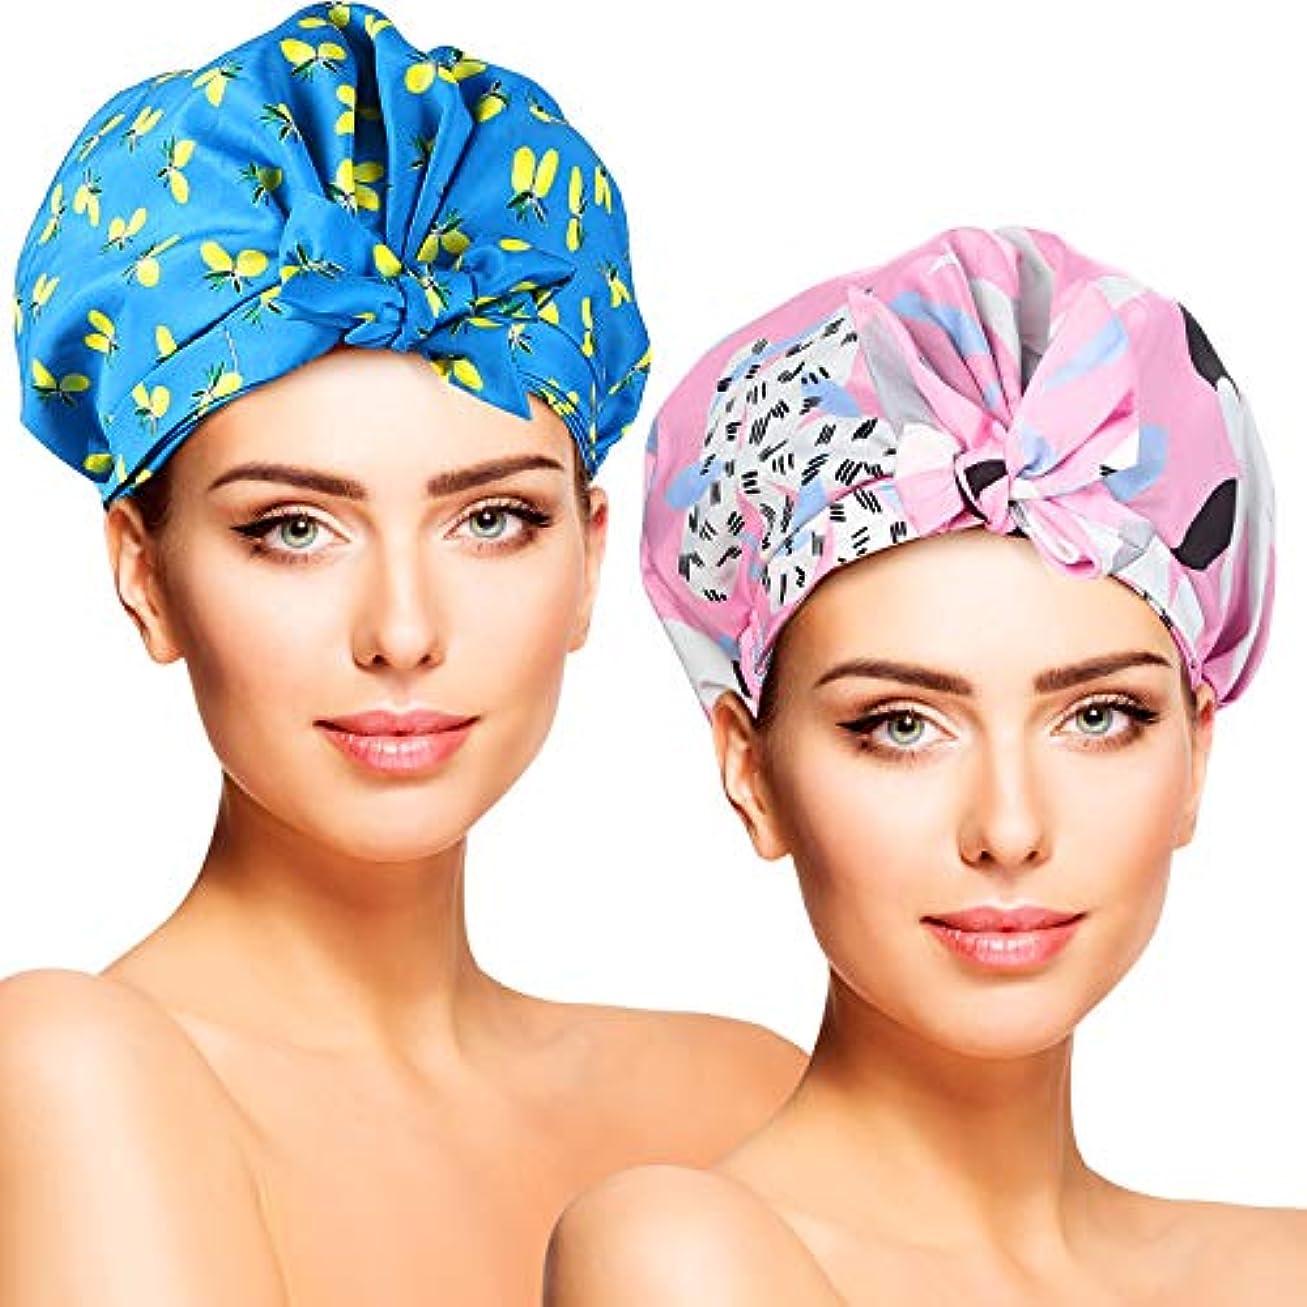 バーウルル震えYISUN シャワーキャップ 2枚セット 二重層防水 耐久性 抗菌性 お風呂 シャワー SPA 調理 洗顔用 多機能 実用性 男女兼用